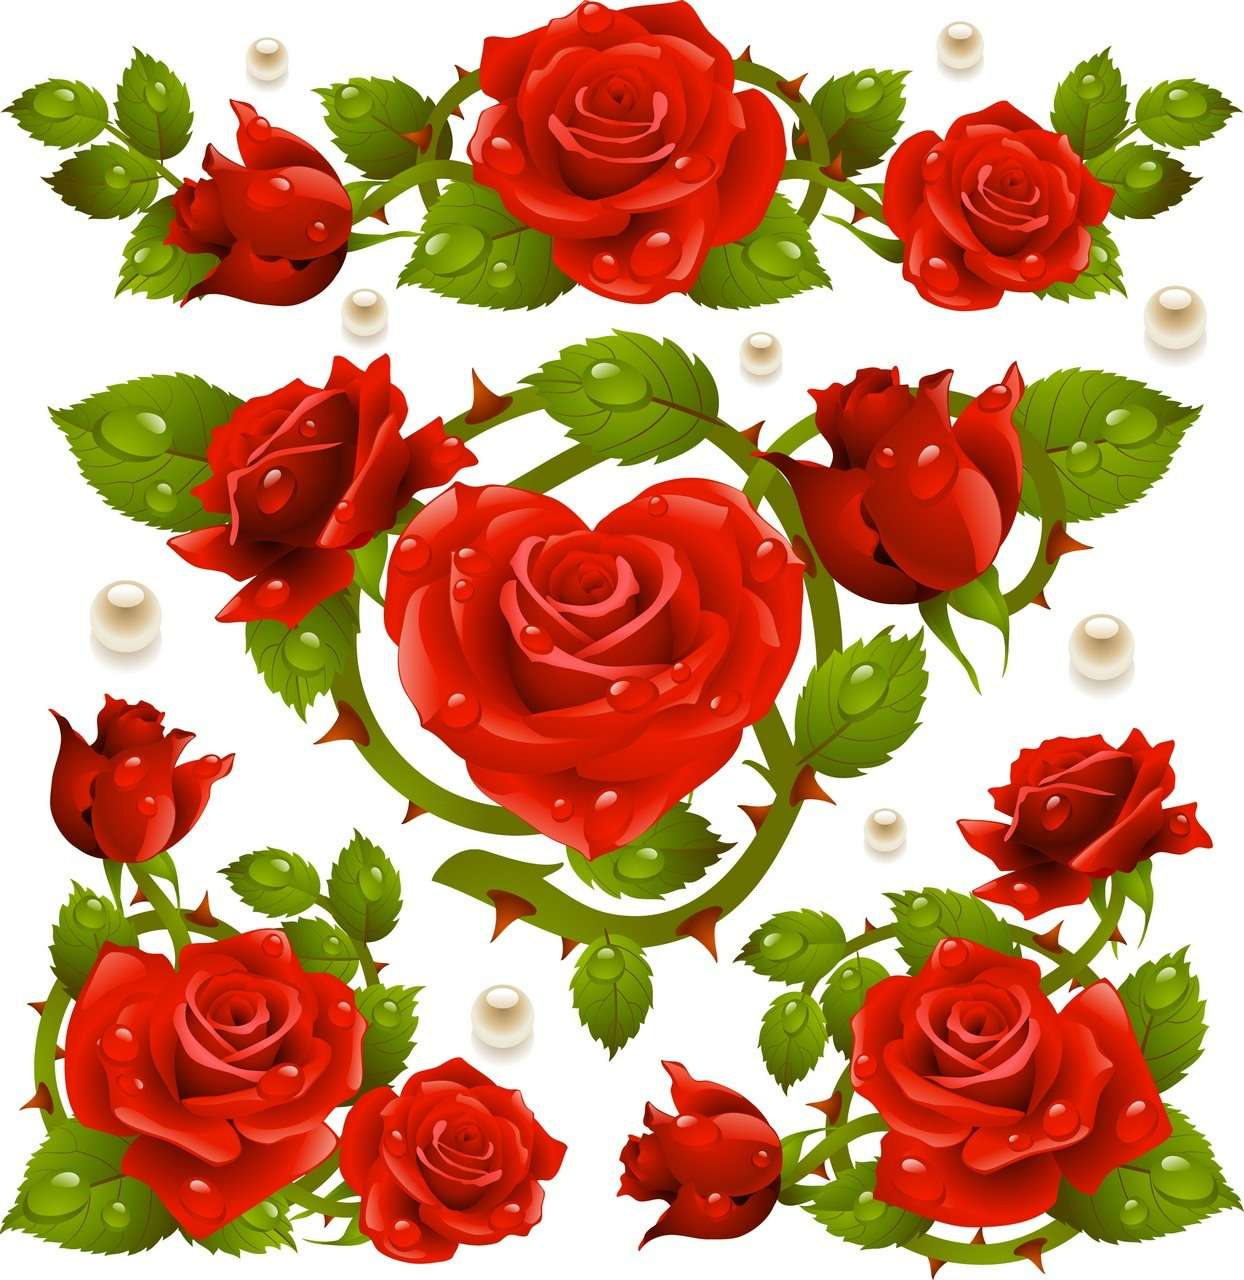 Rose 05 png